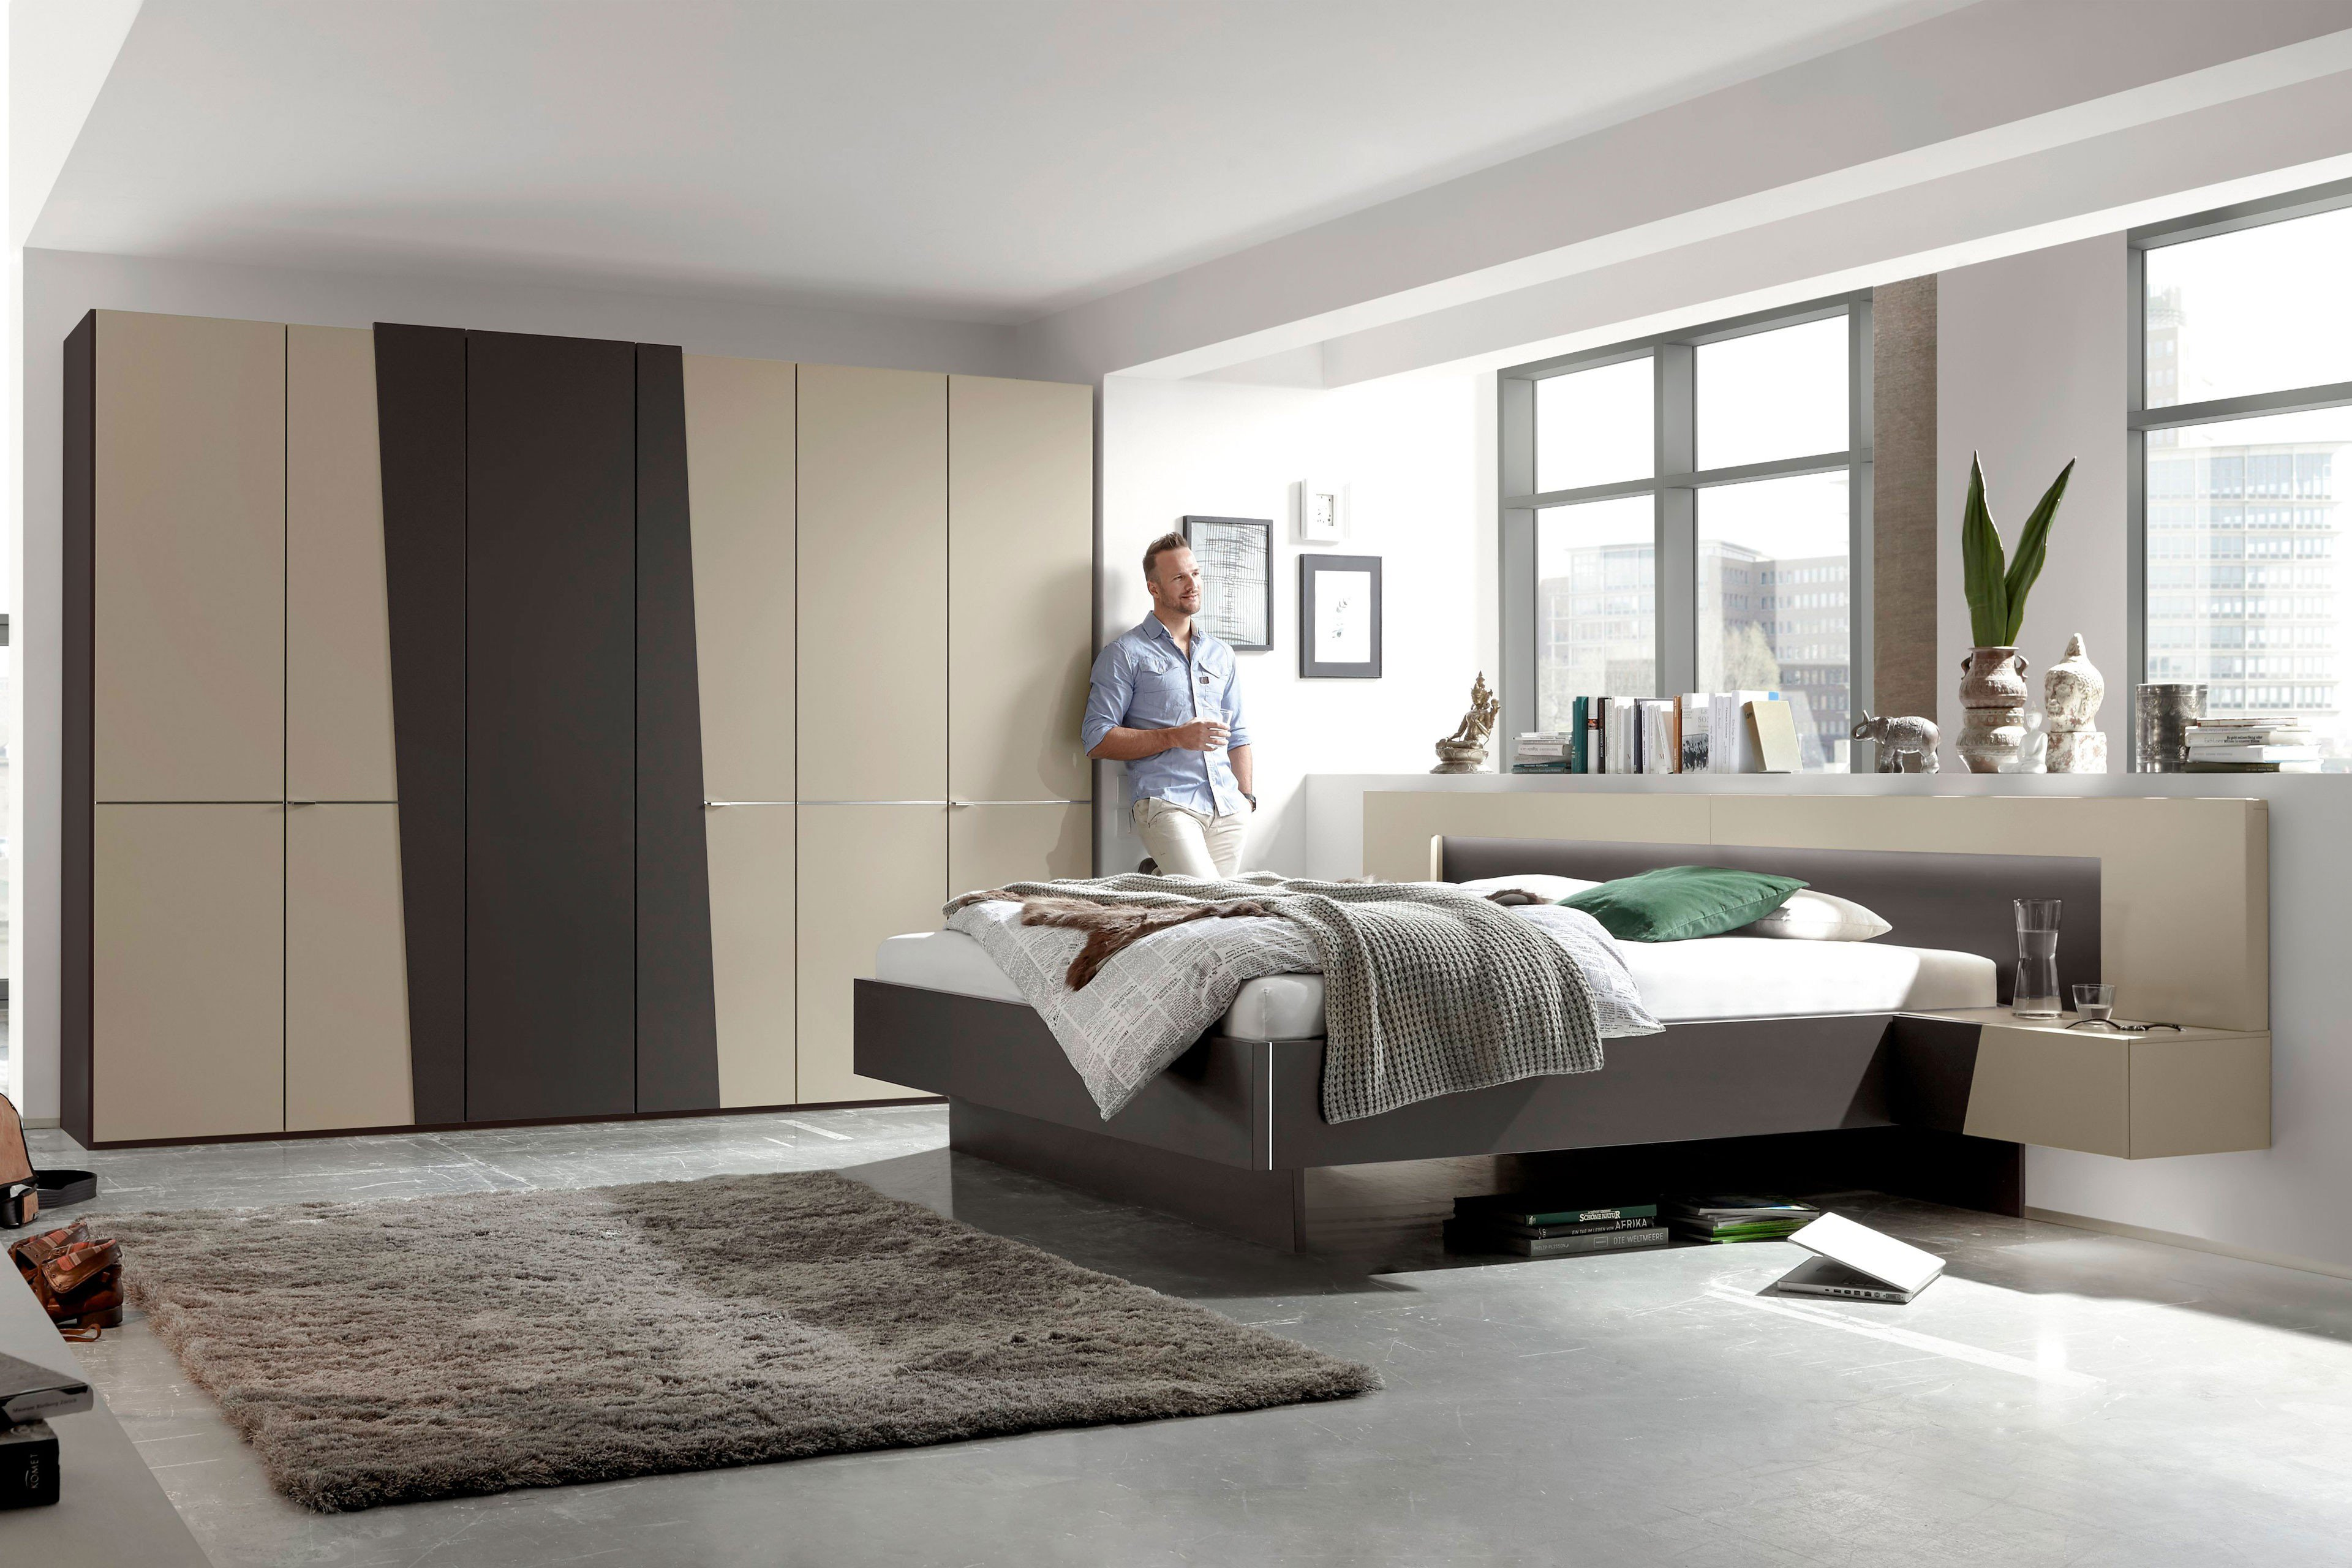 cubanit grau schlafzimmer. Black Bedroom Furniture Sets. Home Design Ideas